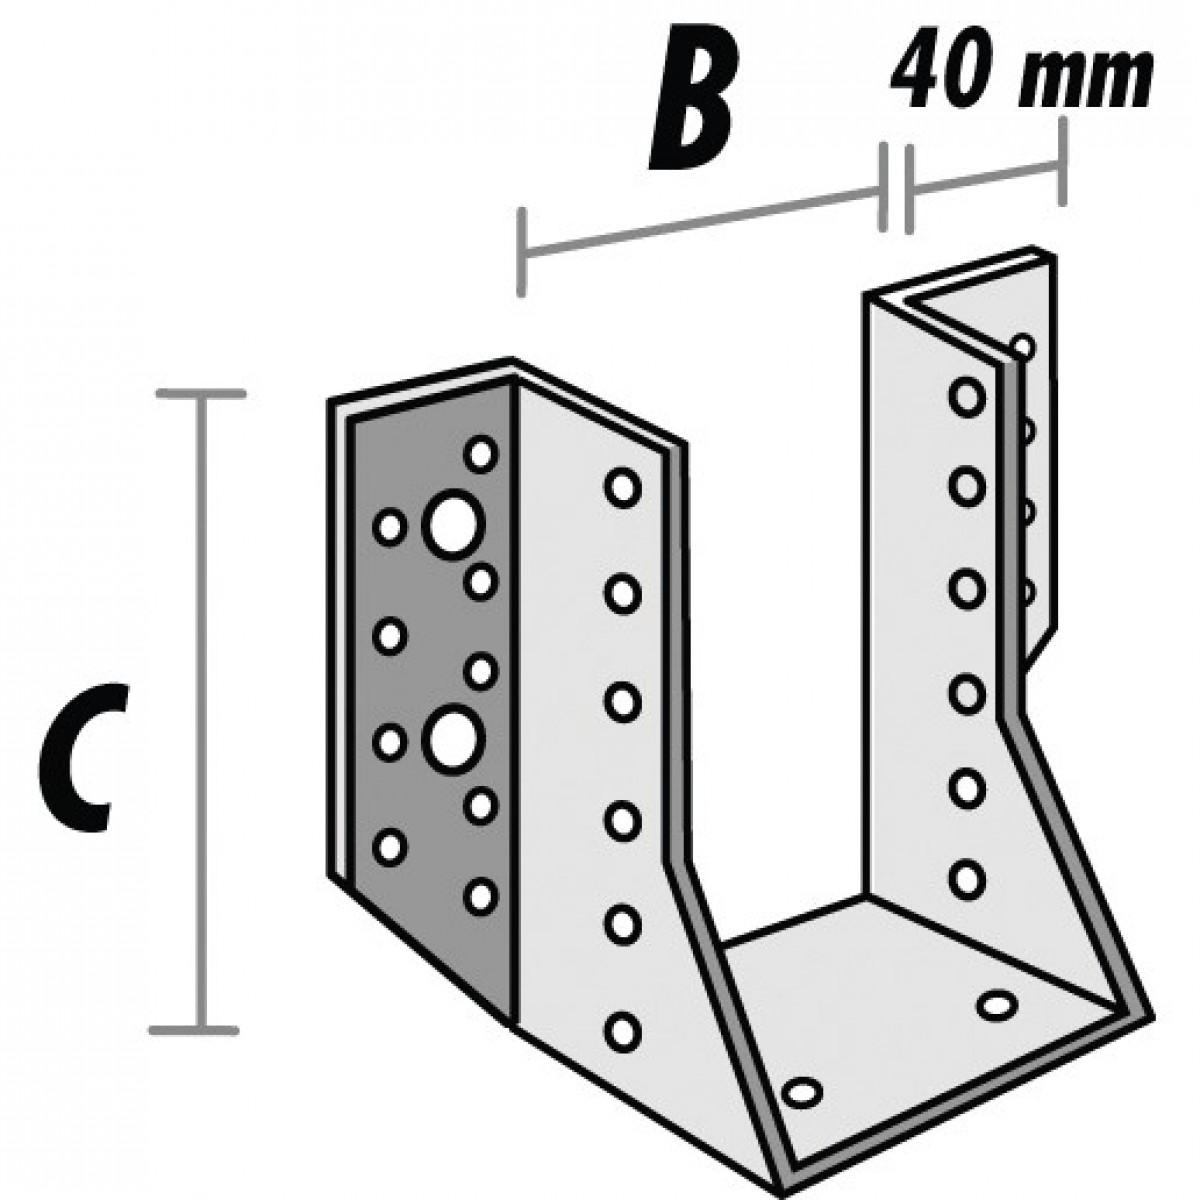 Sabot de solive aile extérieure - 143 mm x 34 mm - Alberts